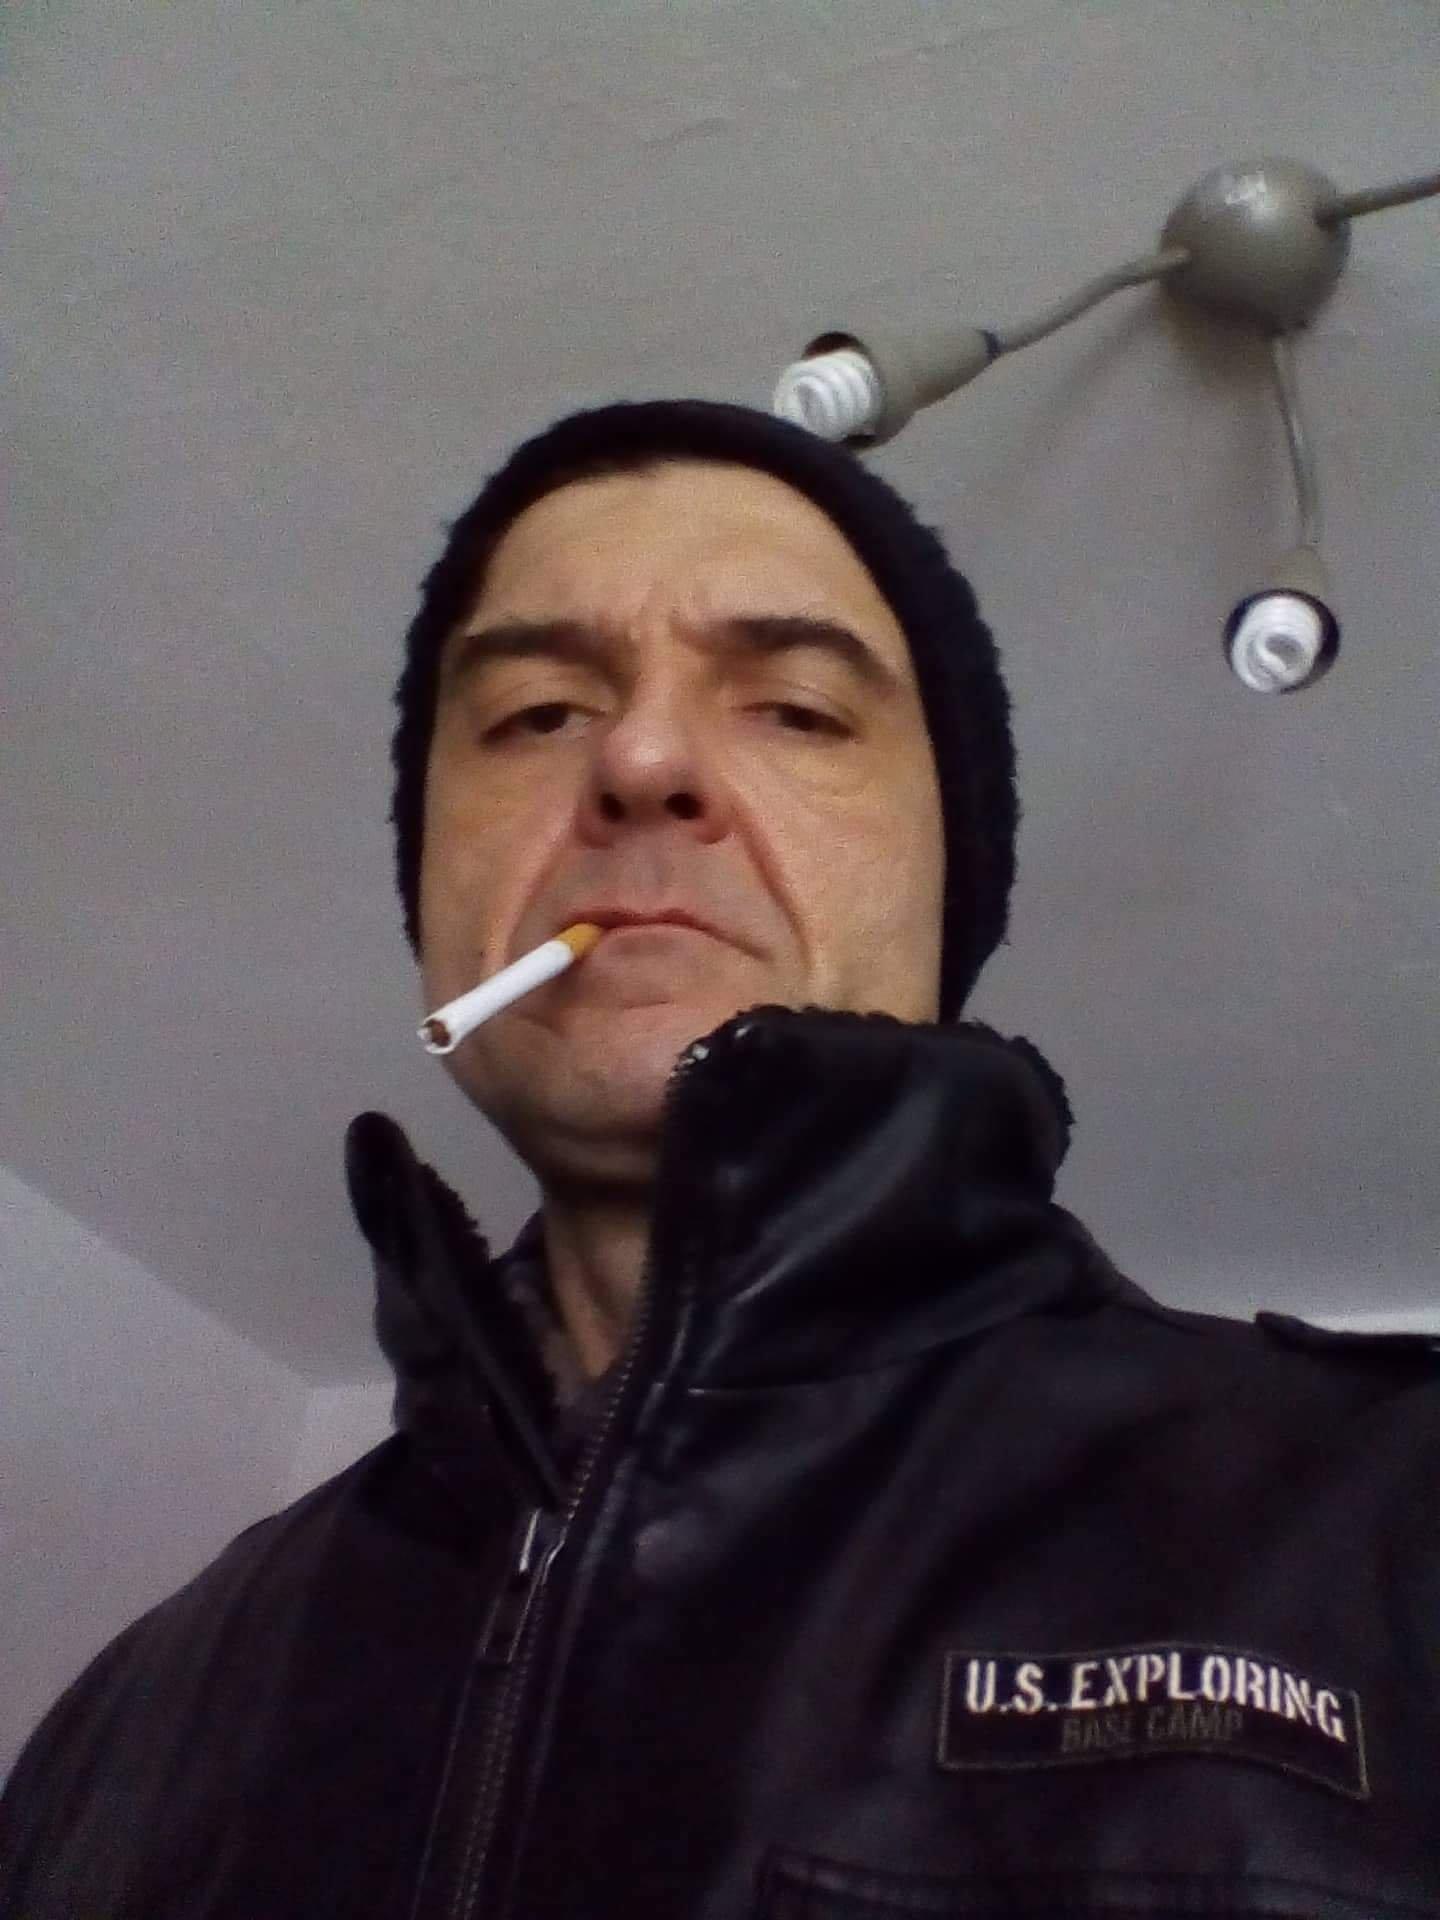 Tony49 aus Bayern,Deutschland